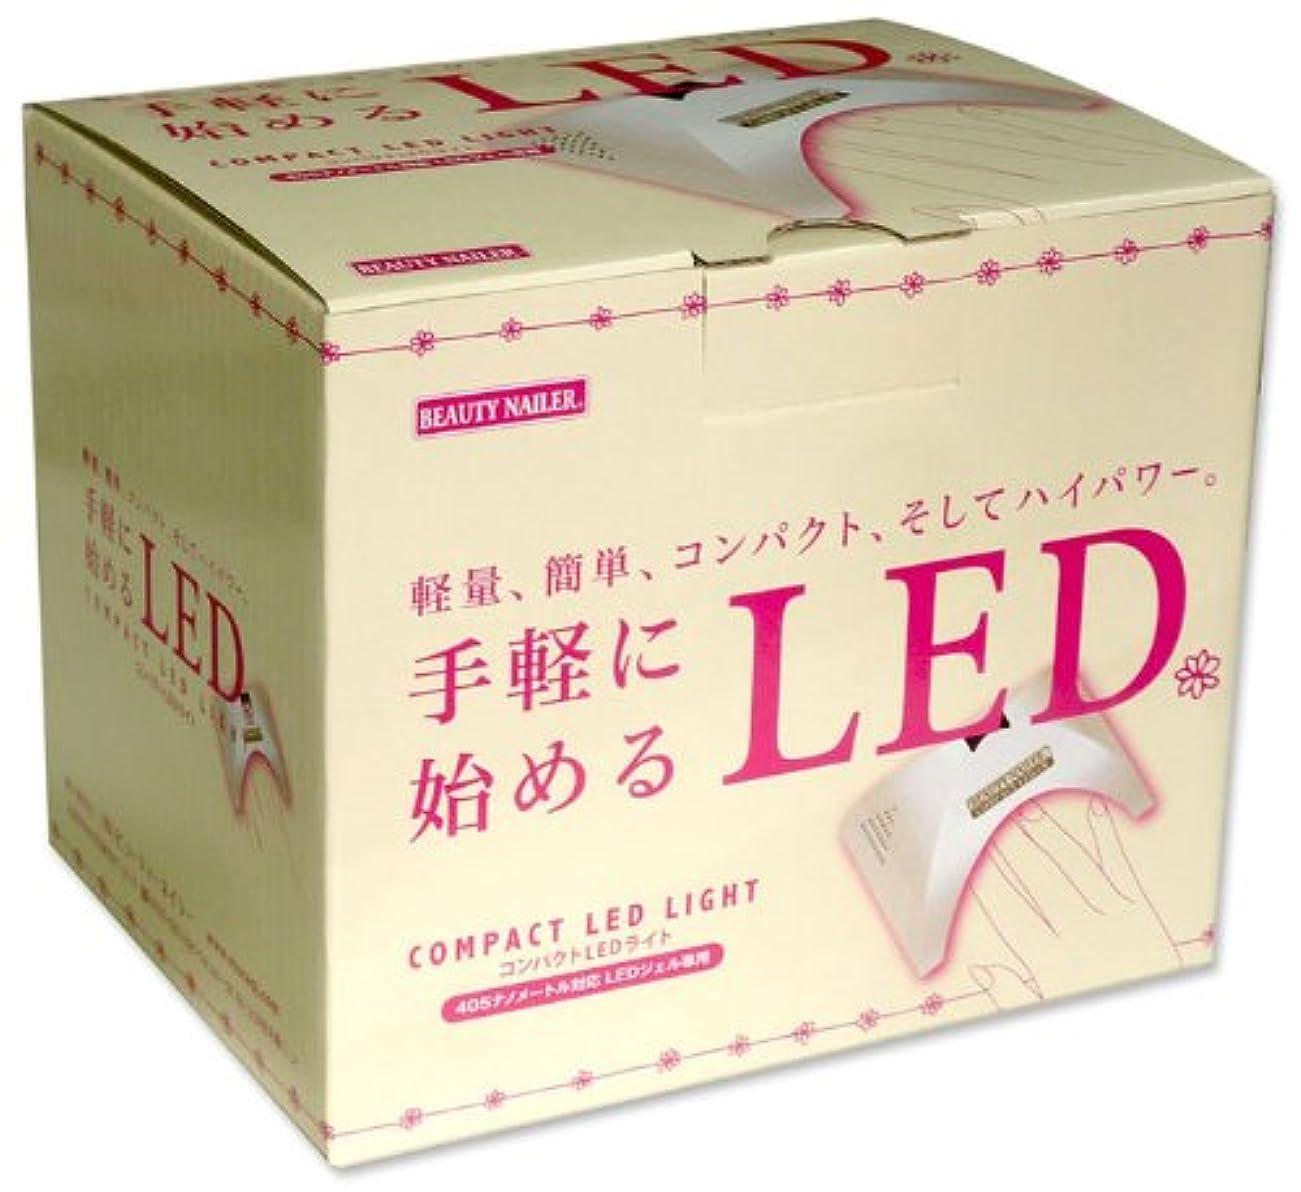 アナログバター束ねるビューティーネイラー コンパクトLEDライト ホワイト